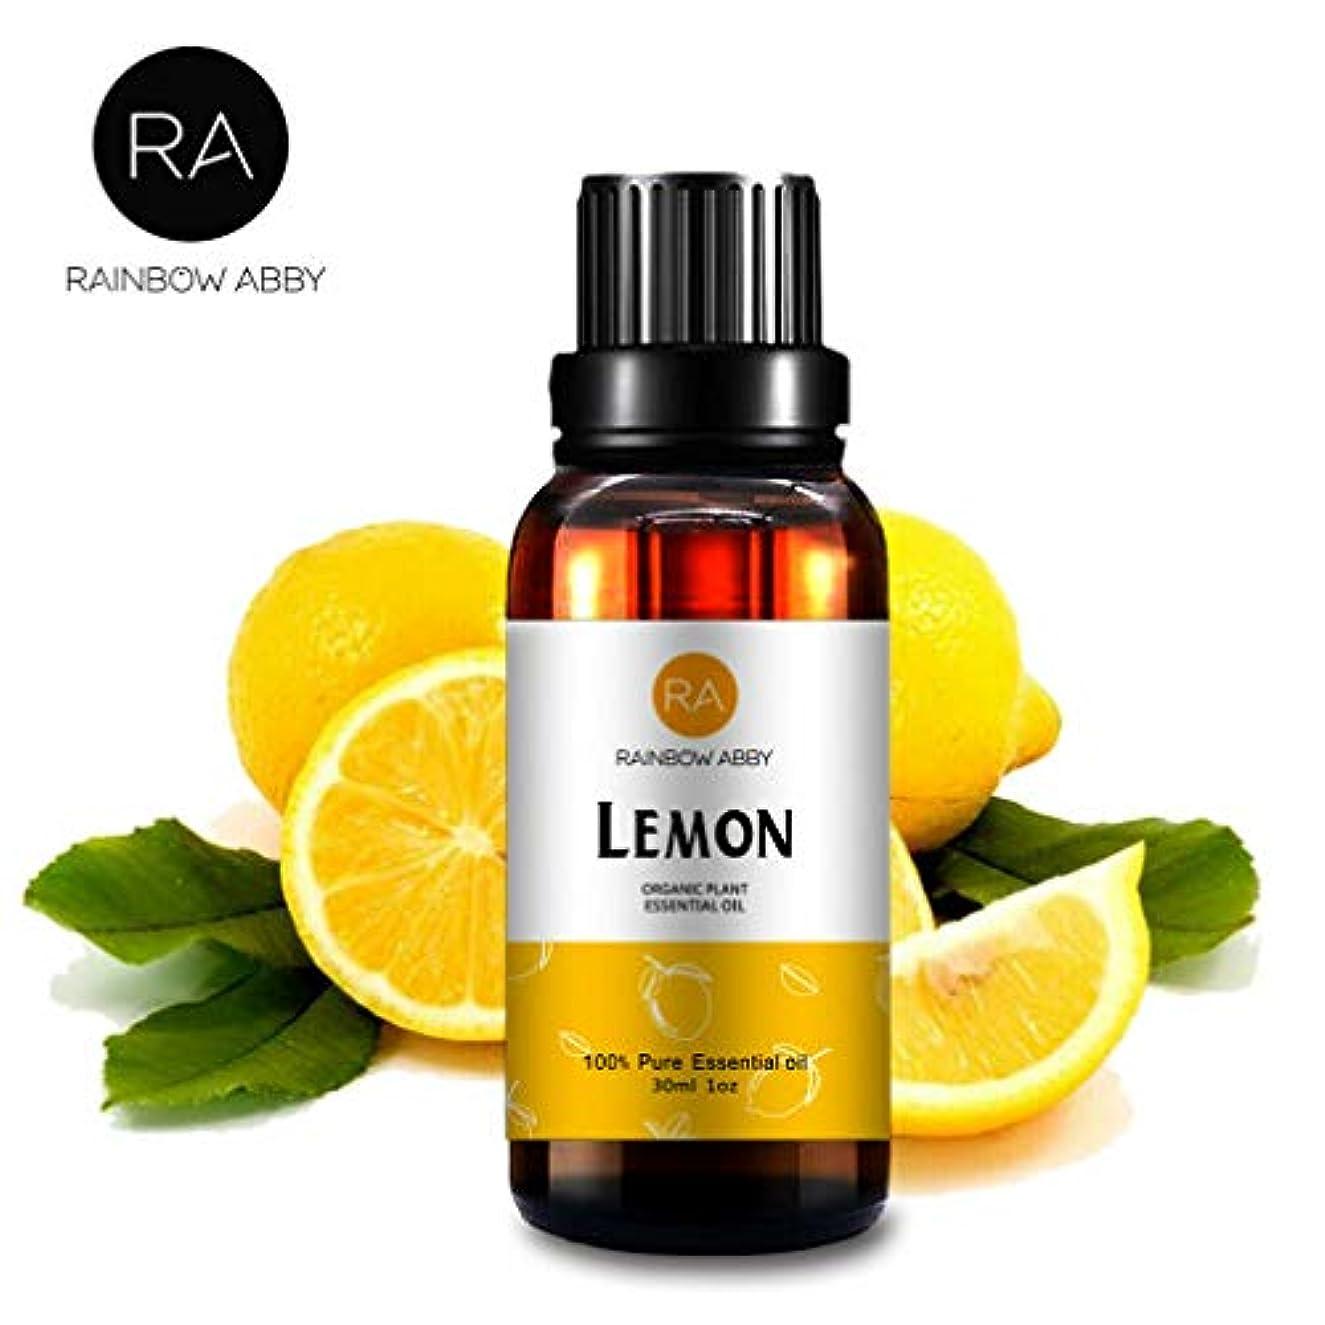 発動機ラメ毎年RAINBOW ABBY レモンエッセンシャル オイル ディフューザー アロマ セラピー オイル (30ML/1oz) 100% ピュアオーガニック 植物 エキスレモン オイル